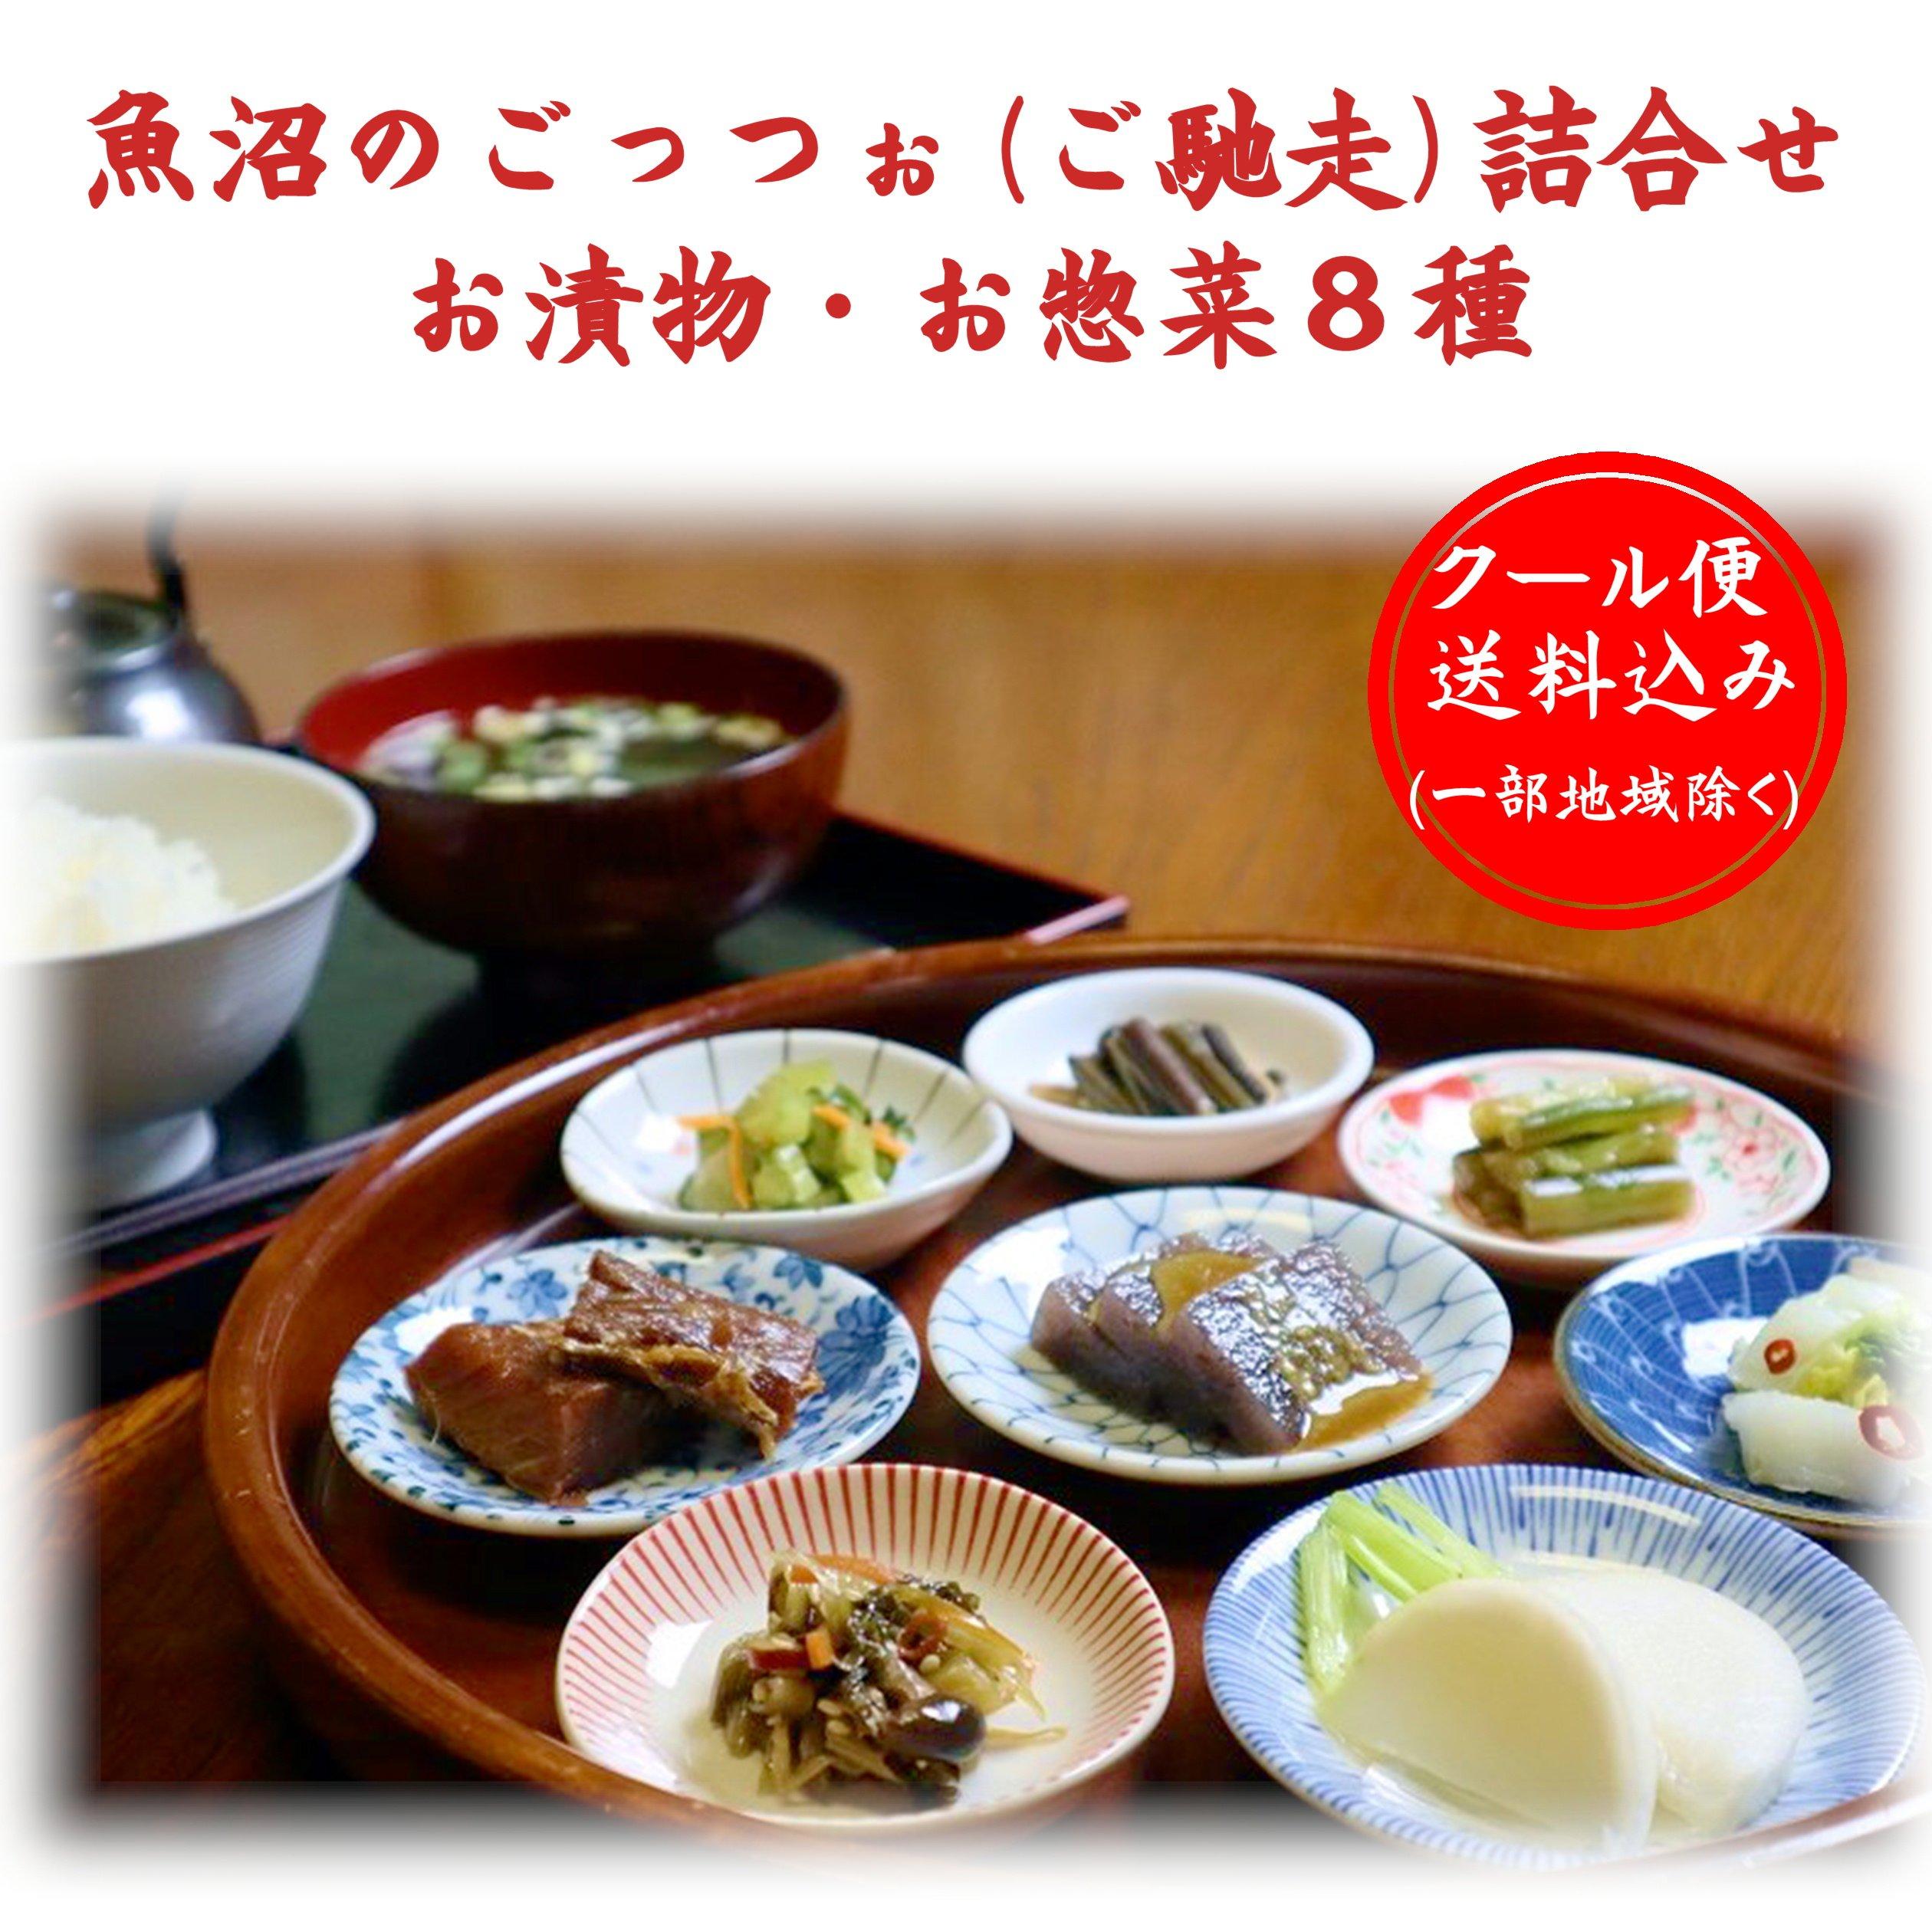 新潟魚沼 お漬物の幸源 魚沼のお漬物、お惣菜8種詰め合せ